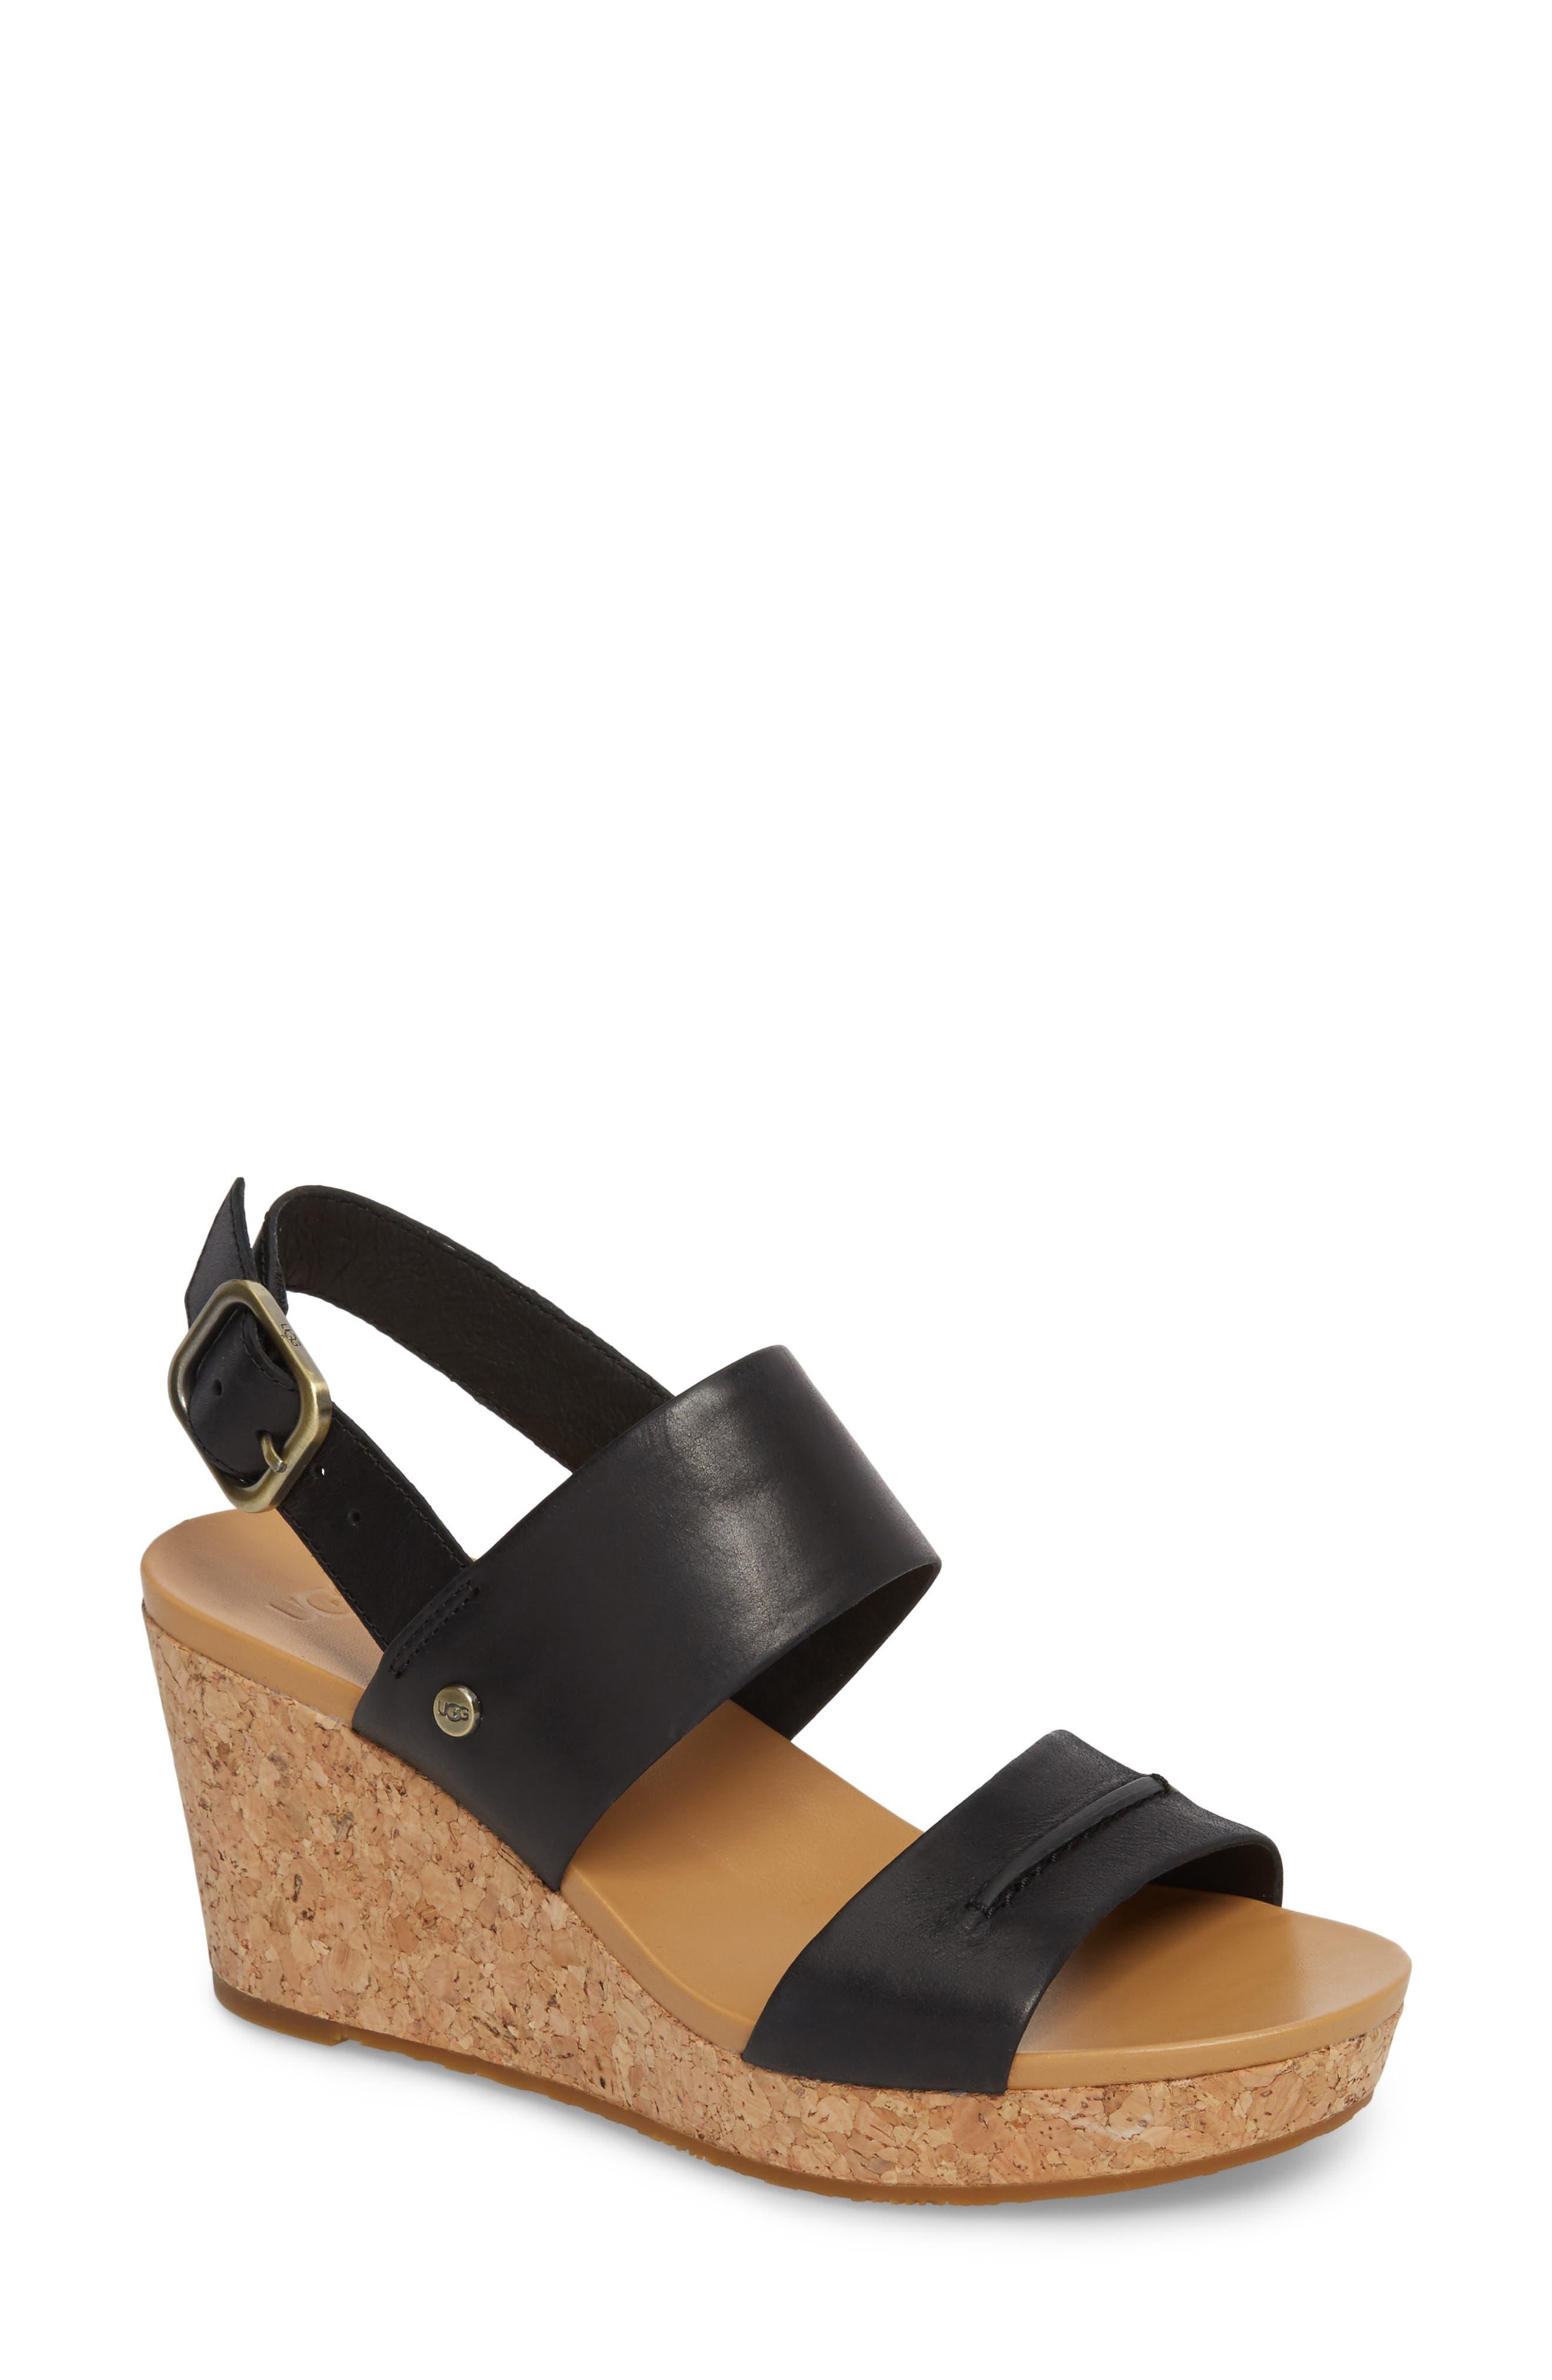 Elena II Platform Wedge Sandal,                             Main thumbnail 1, color,                             001